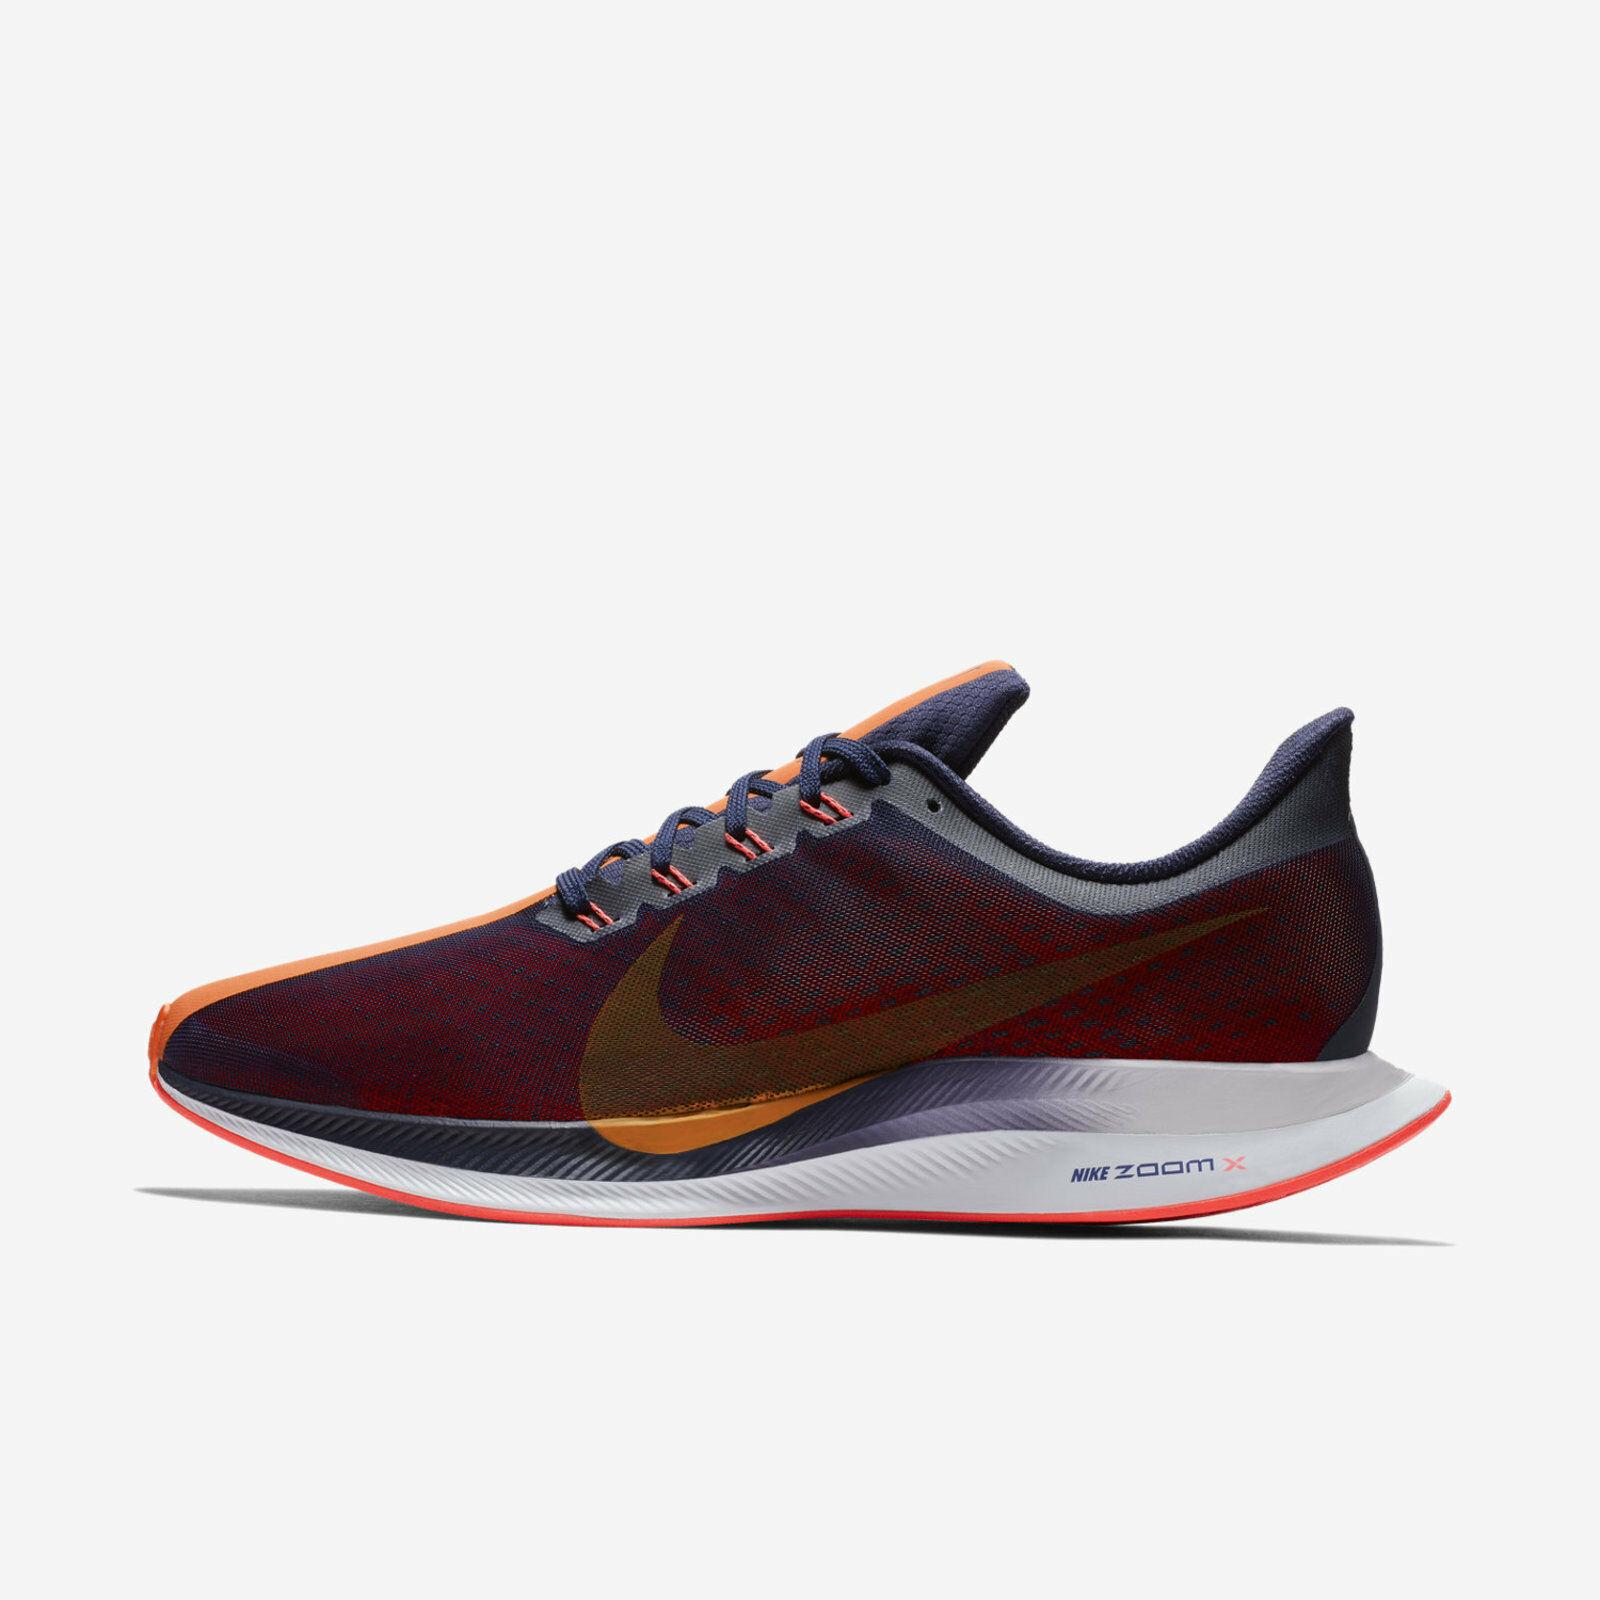 45875c1b45d42e Nike Zoom Pegasus 35 Turbo Blackened Blue and 50 similar items. S l1600 8